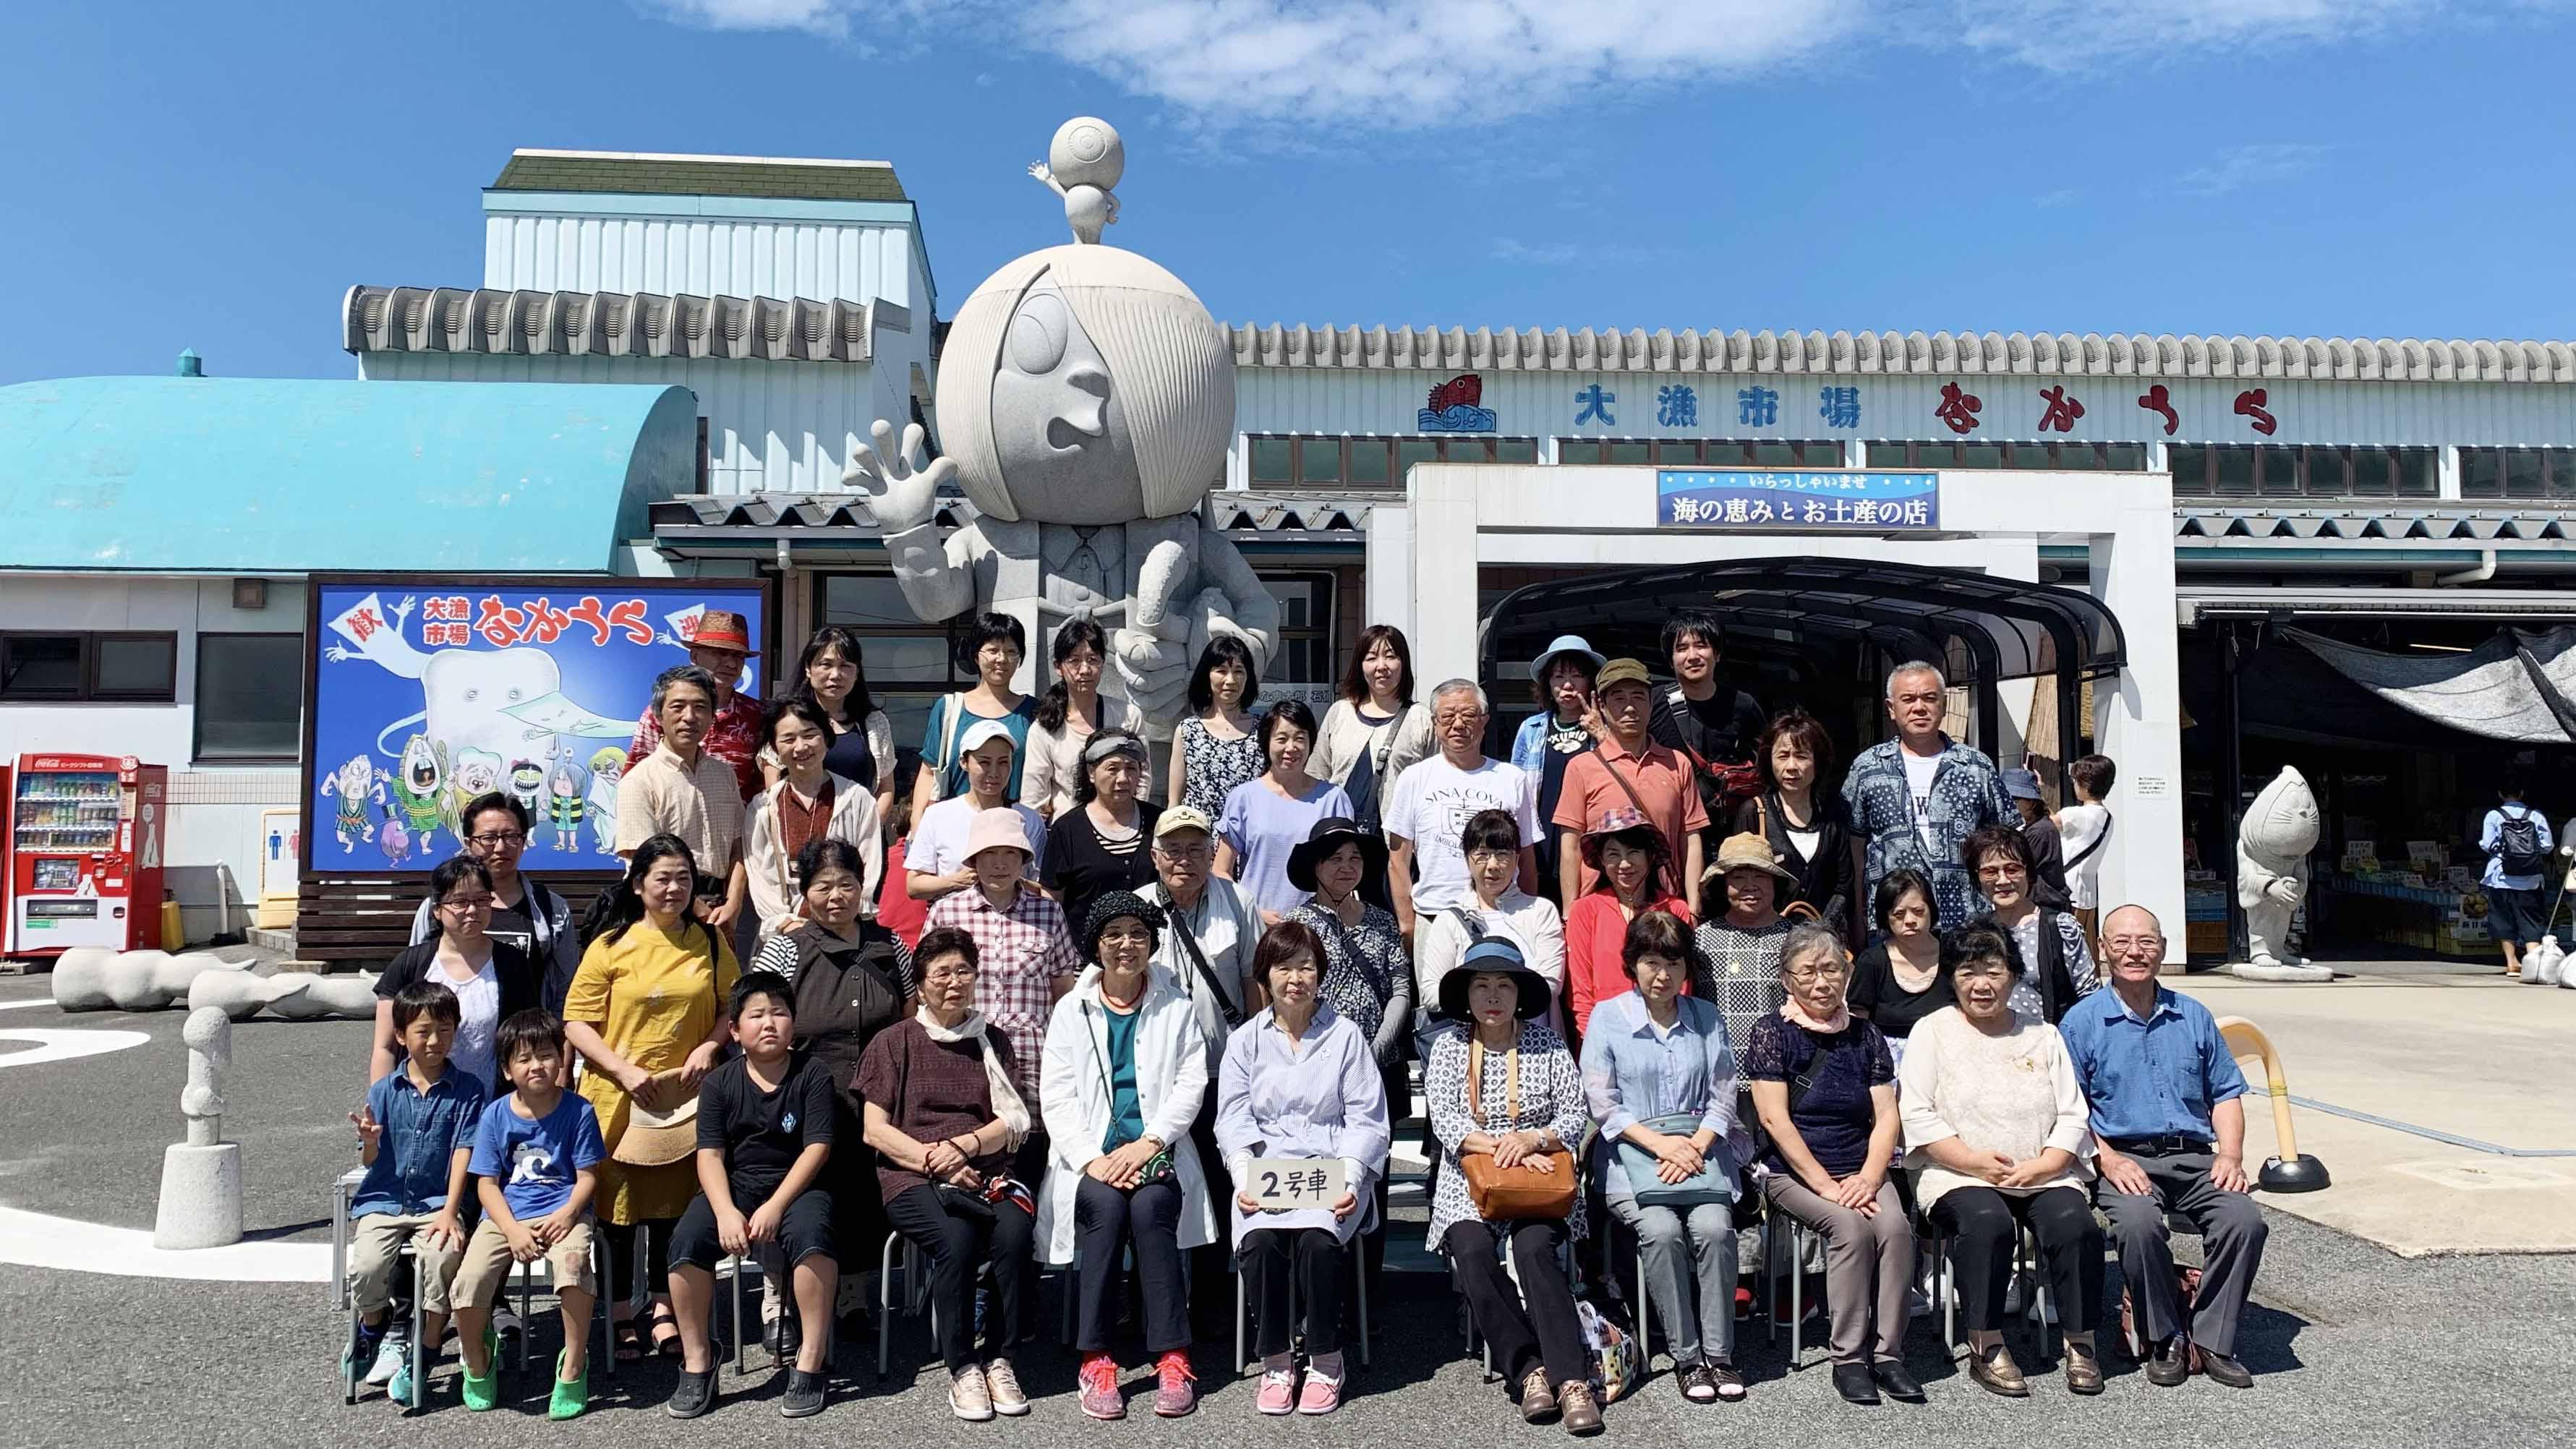 島根 山陰二大名所!足立美術館&由志園を巡るツアー催行!